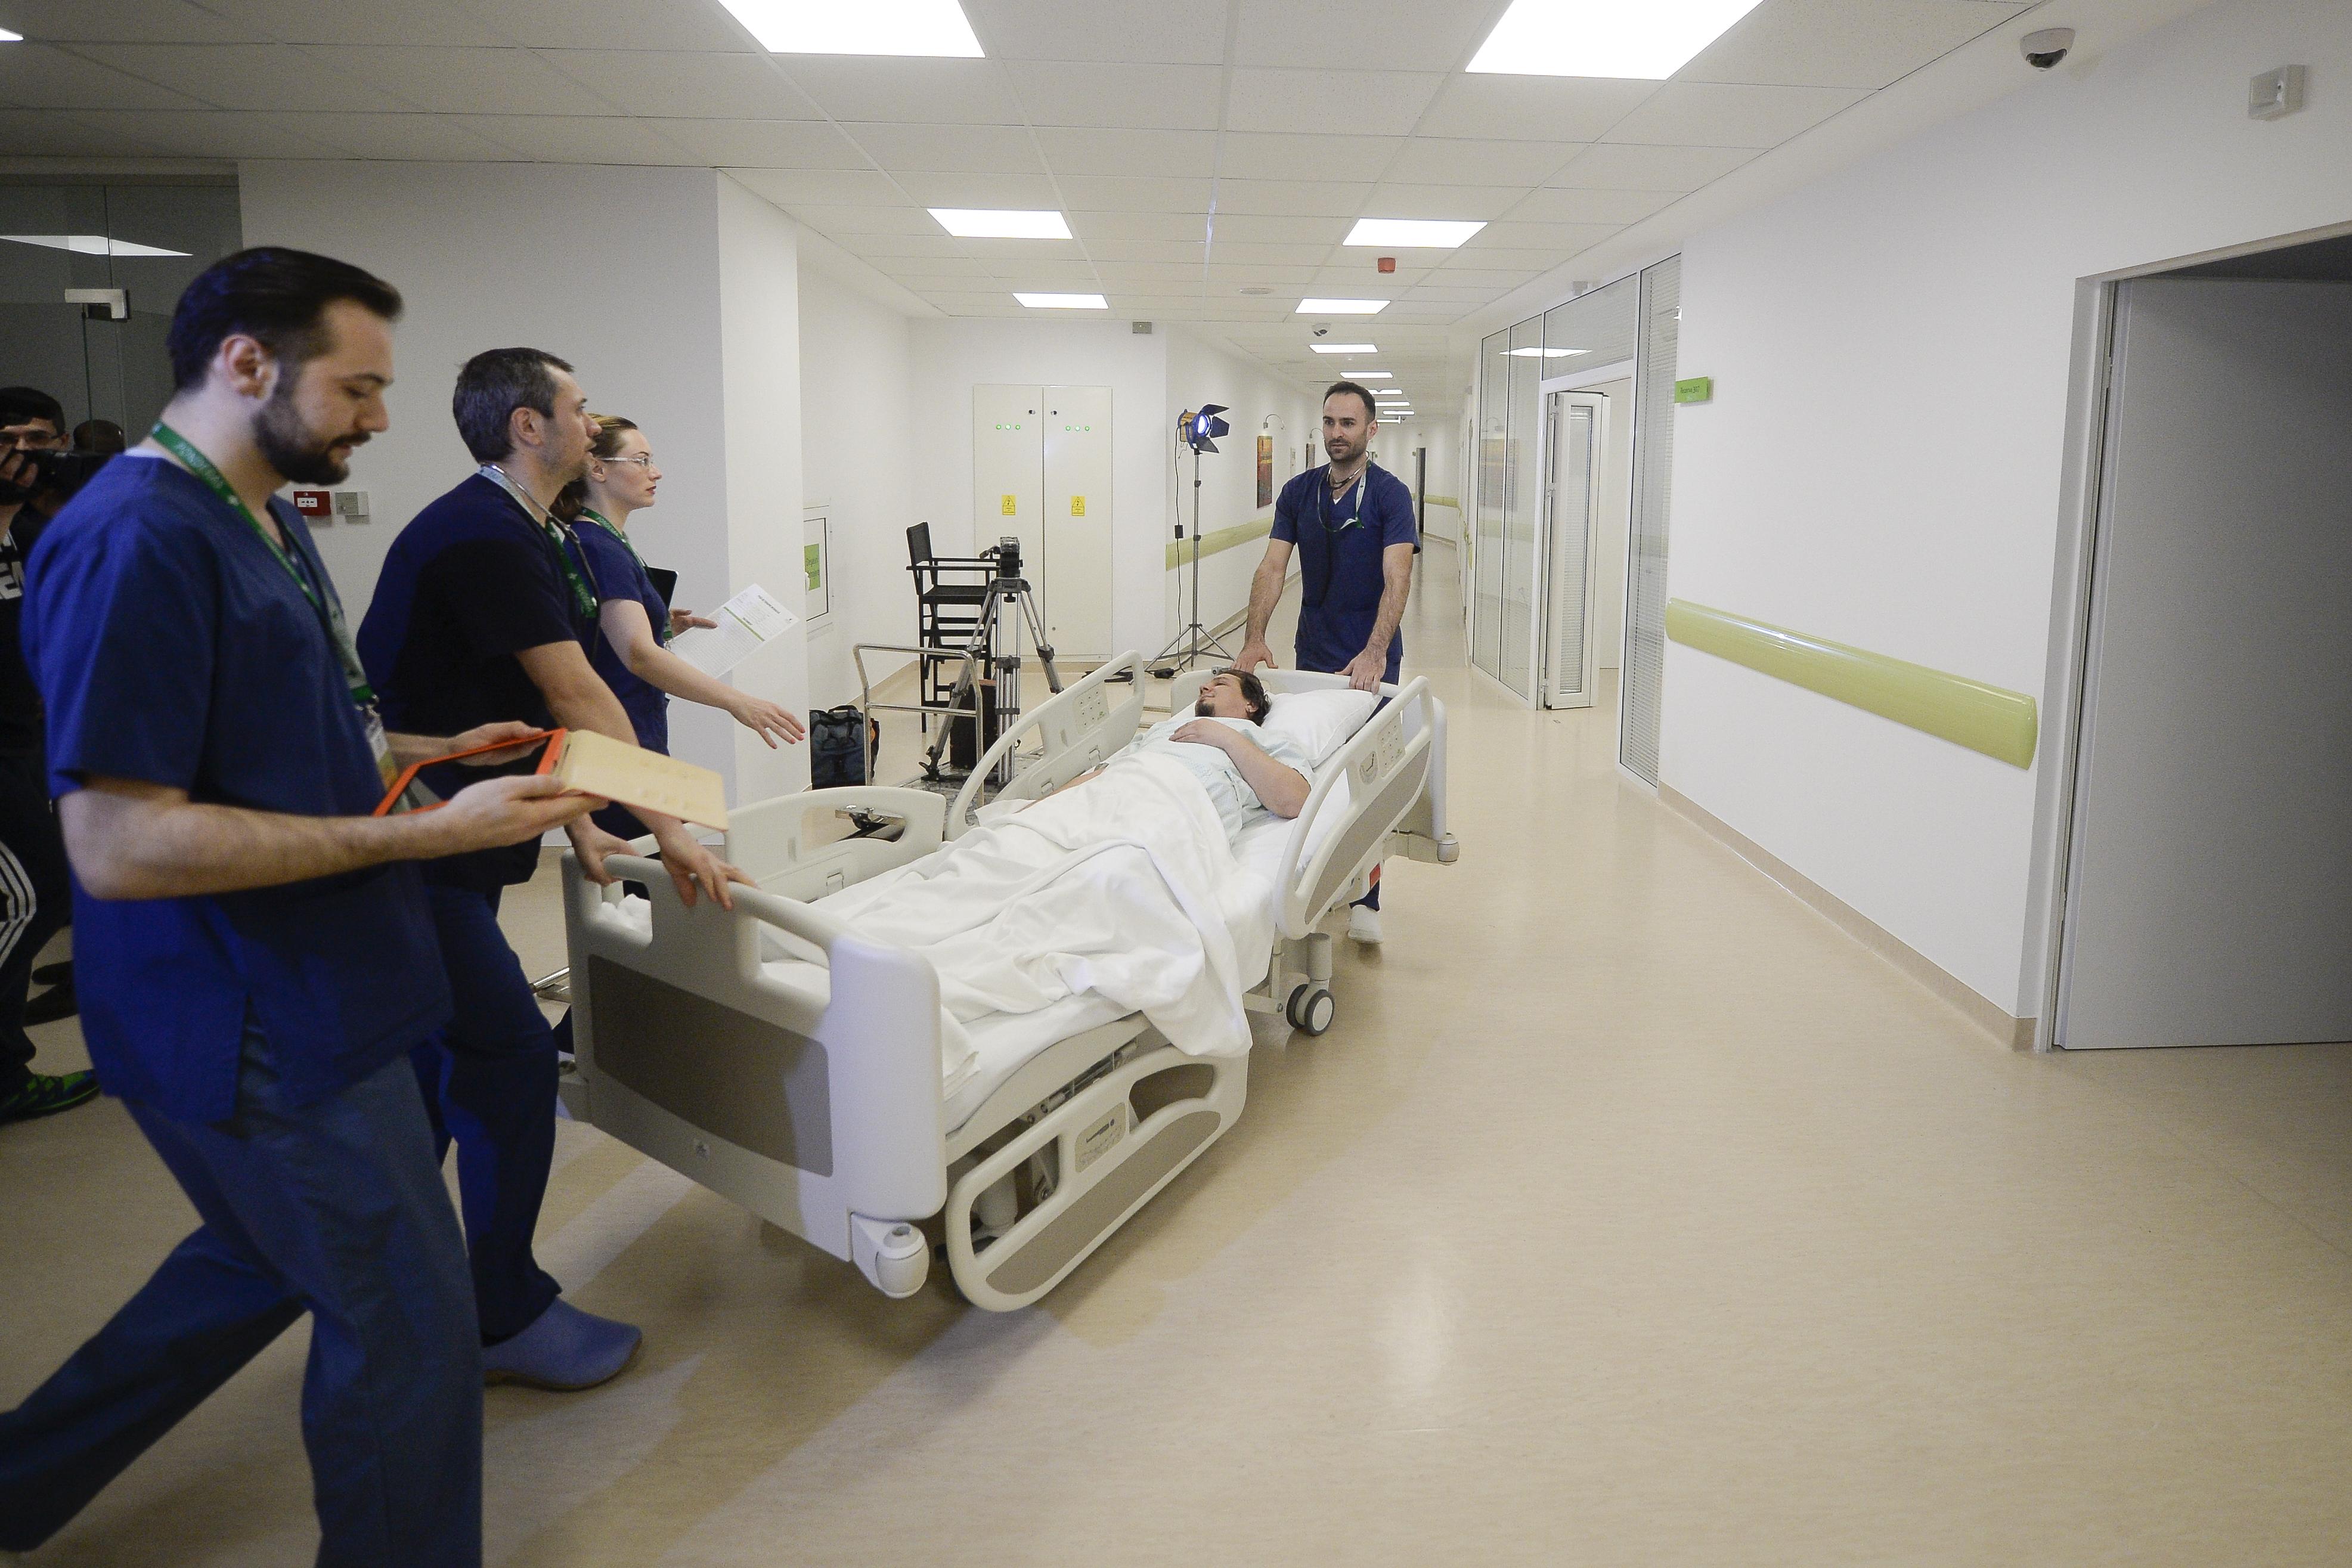 Spitalul Clinic `Victor Babeş` şi Institutul Naţional de Boli Infecţioase Prof. Dr. Matei Balş din Capitală, în carantină din cauza cazurilor de gripă